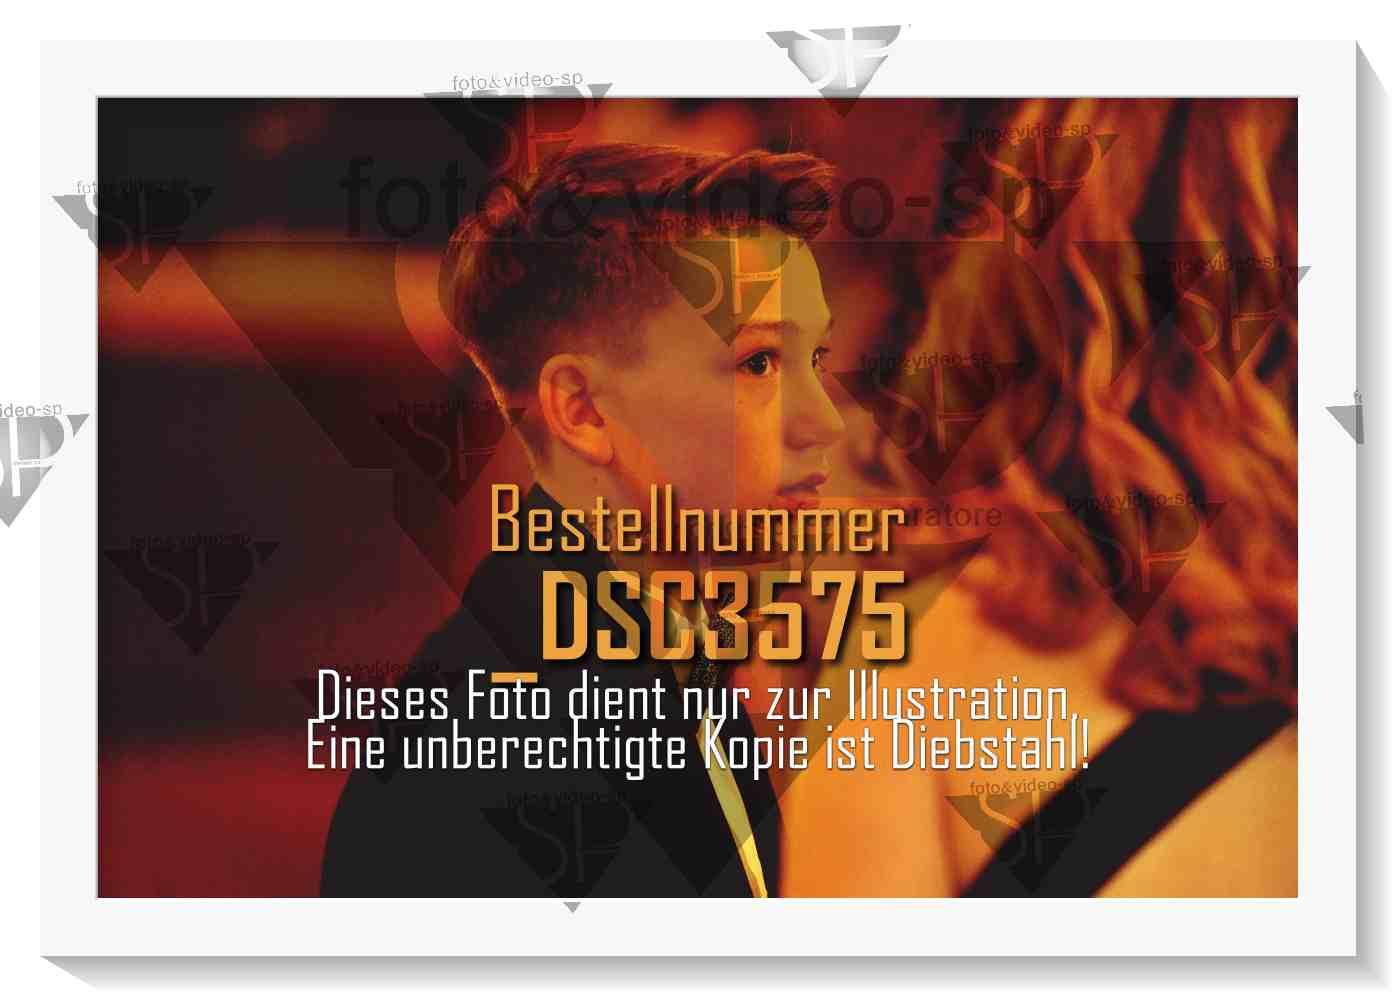 DSC3575